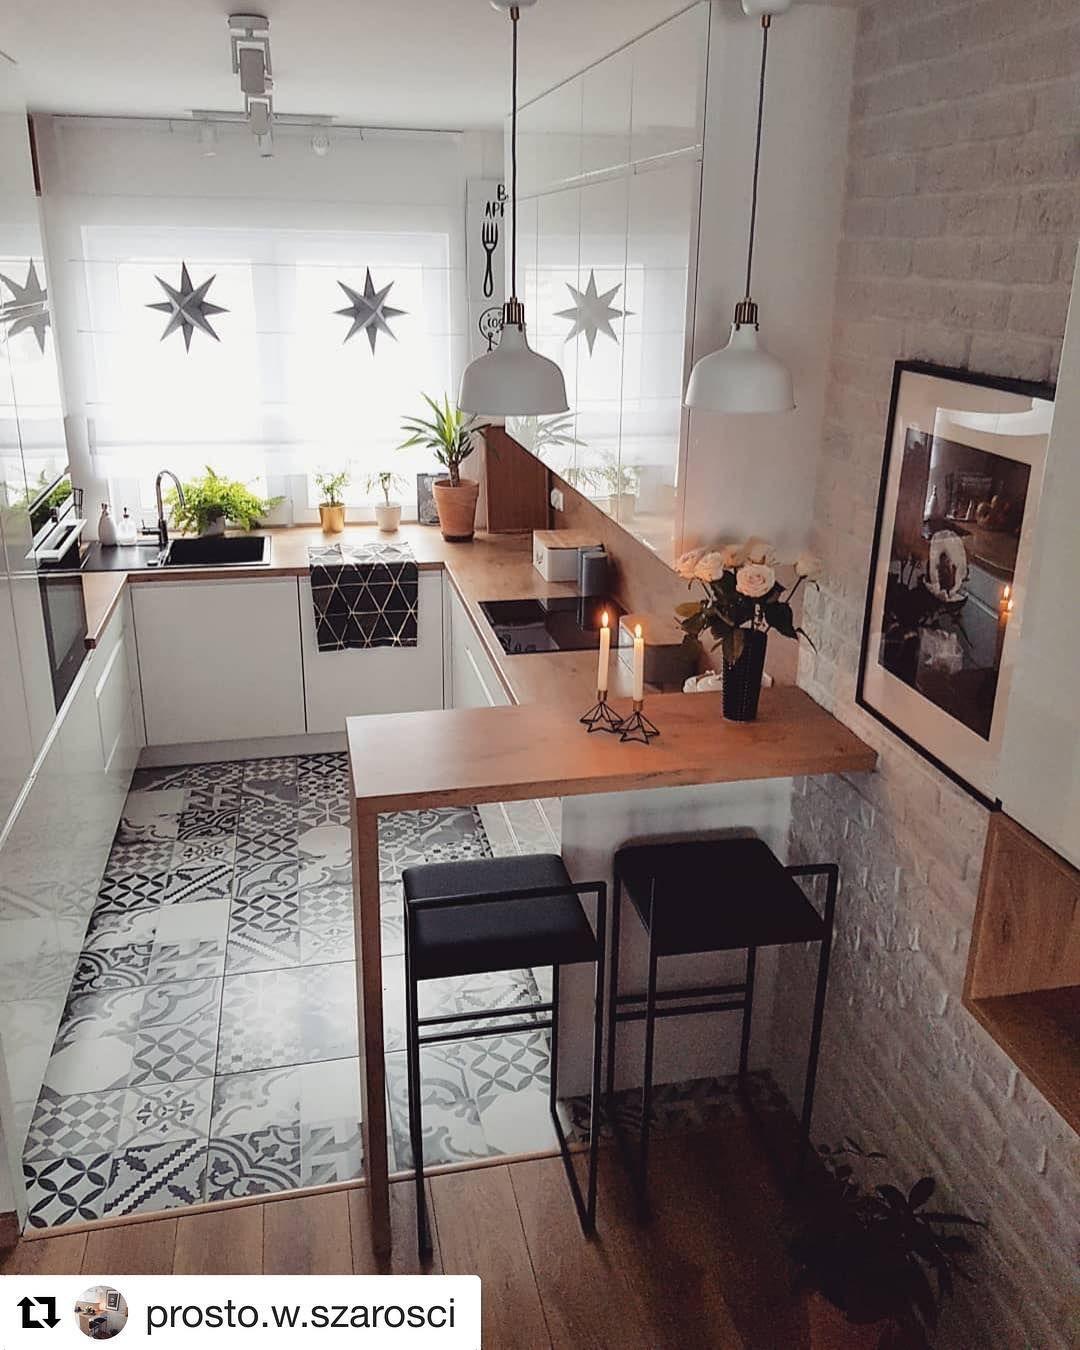 40 Best Kitchen Interior Design Ideas 2019 Page 4 Of 40 Interior